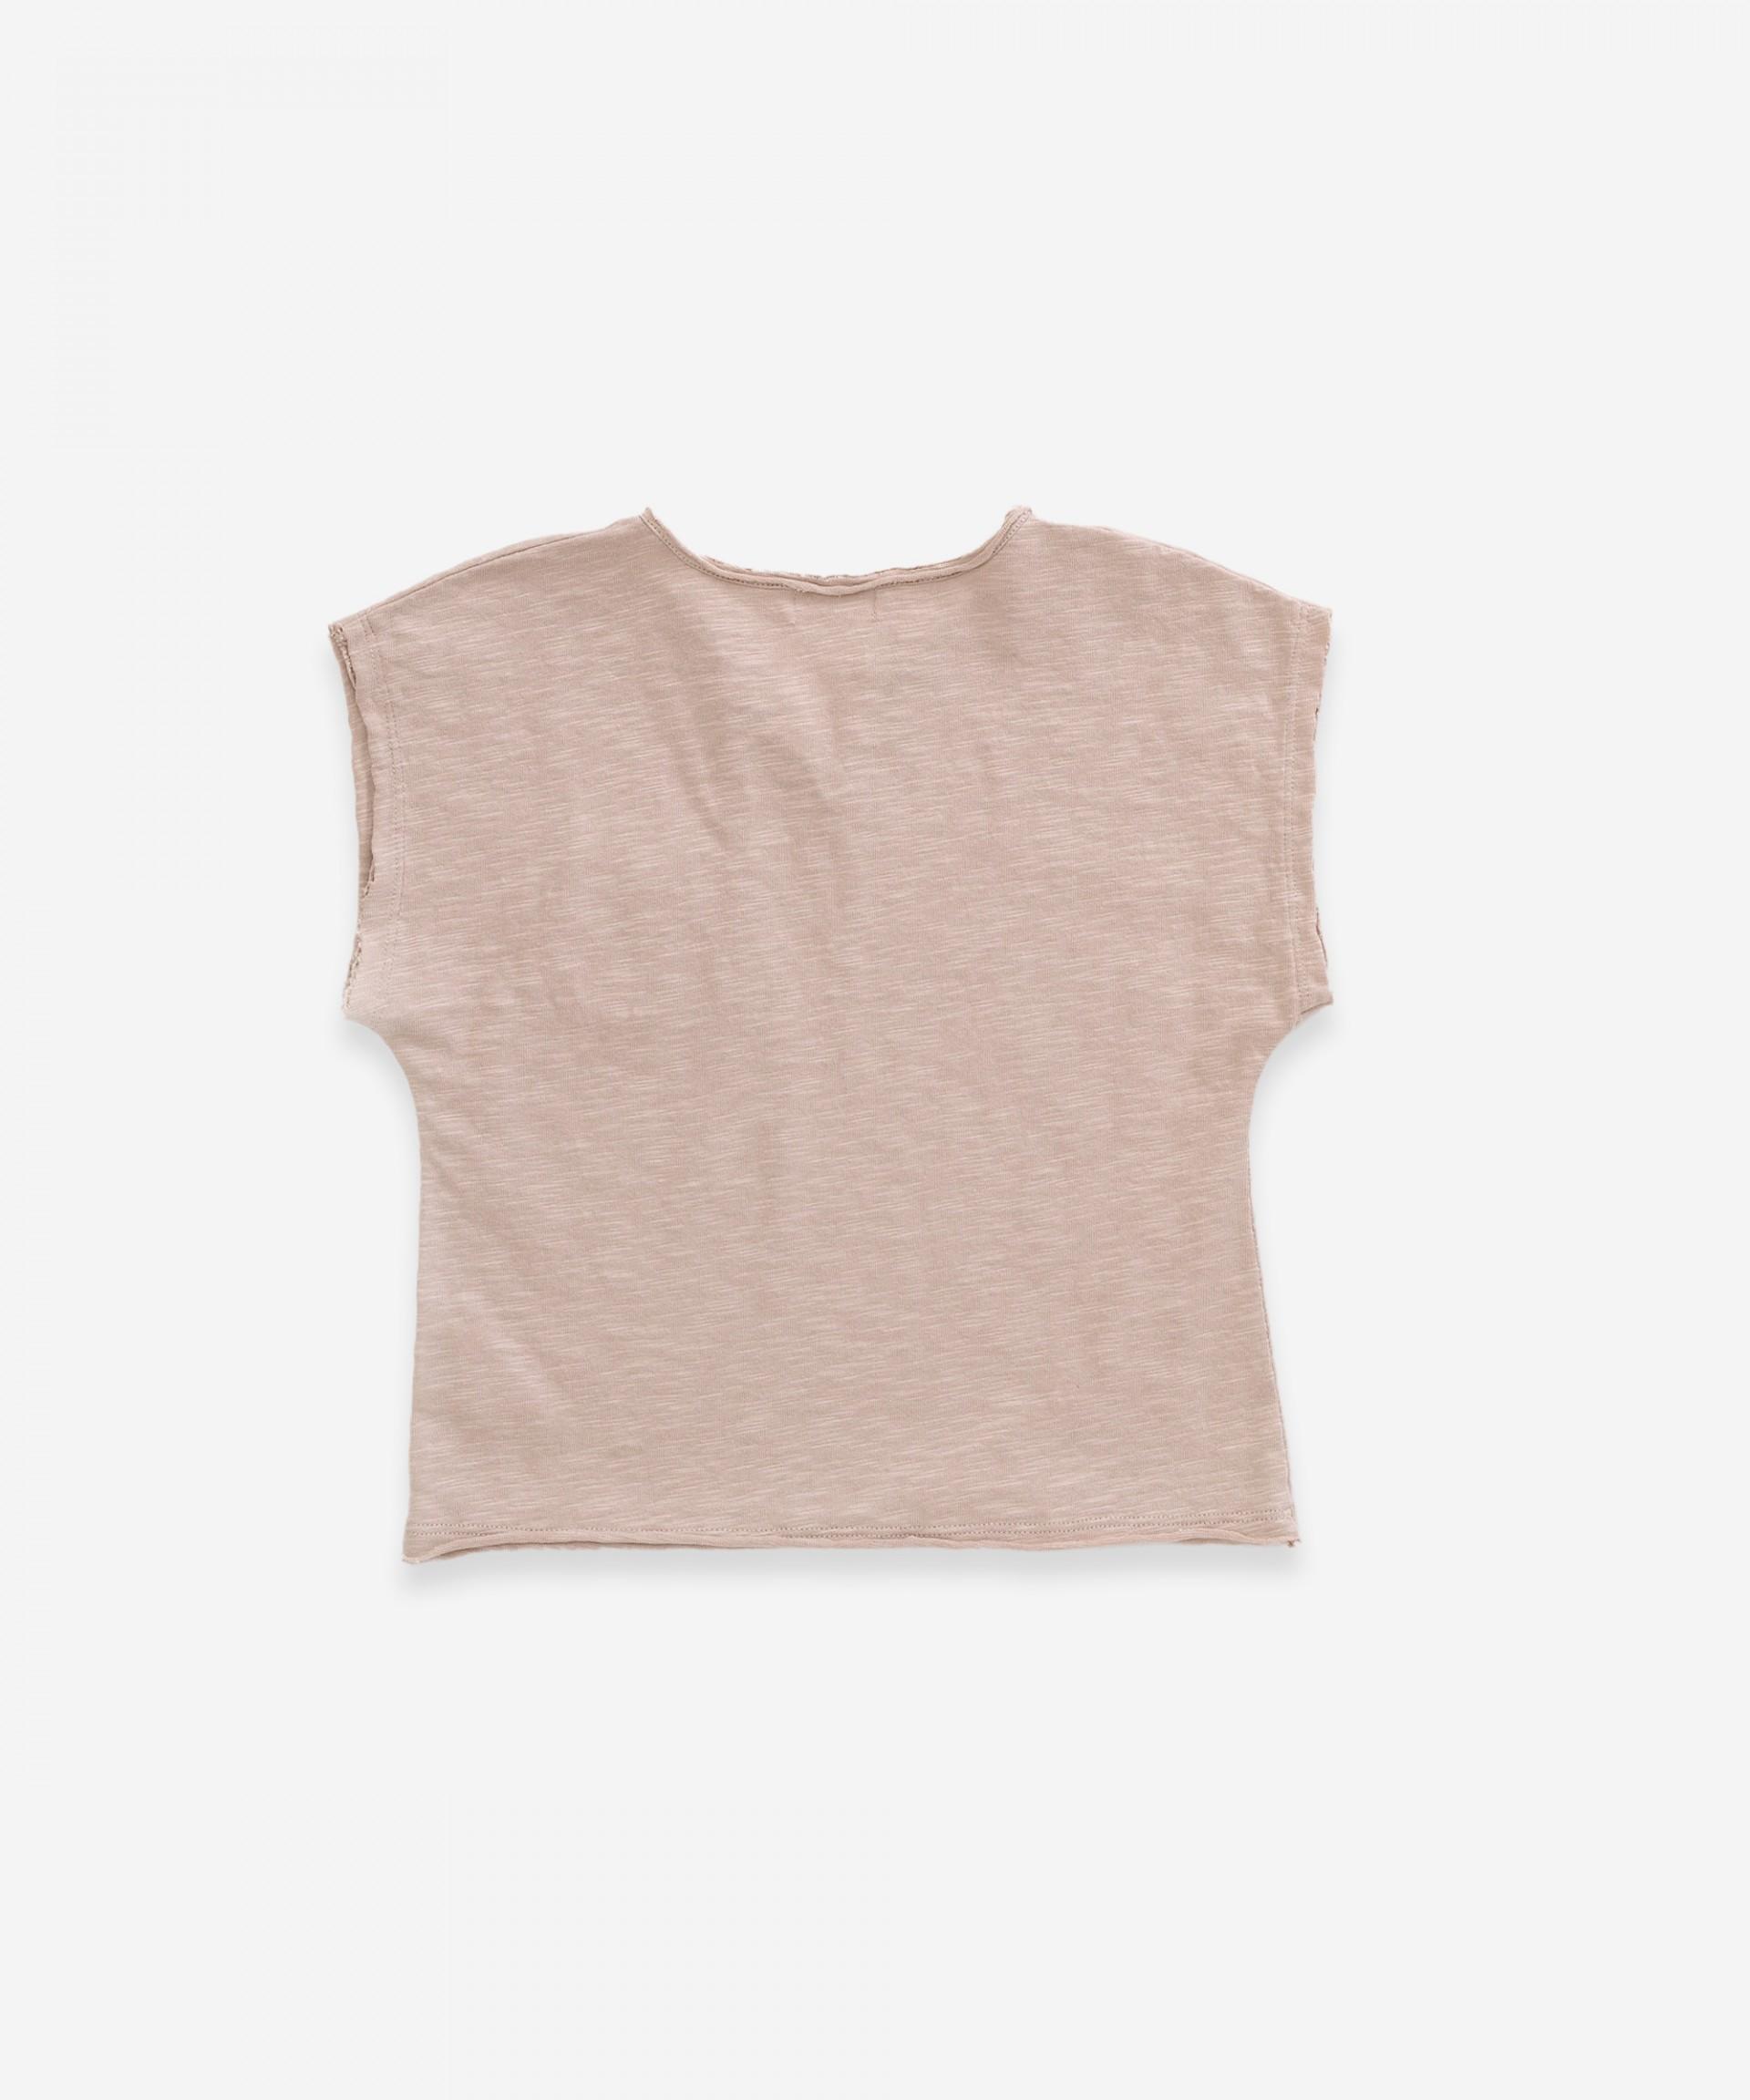 T-shirt em algodão orgânico| Weaving